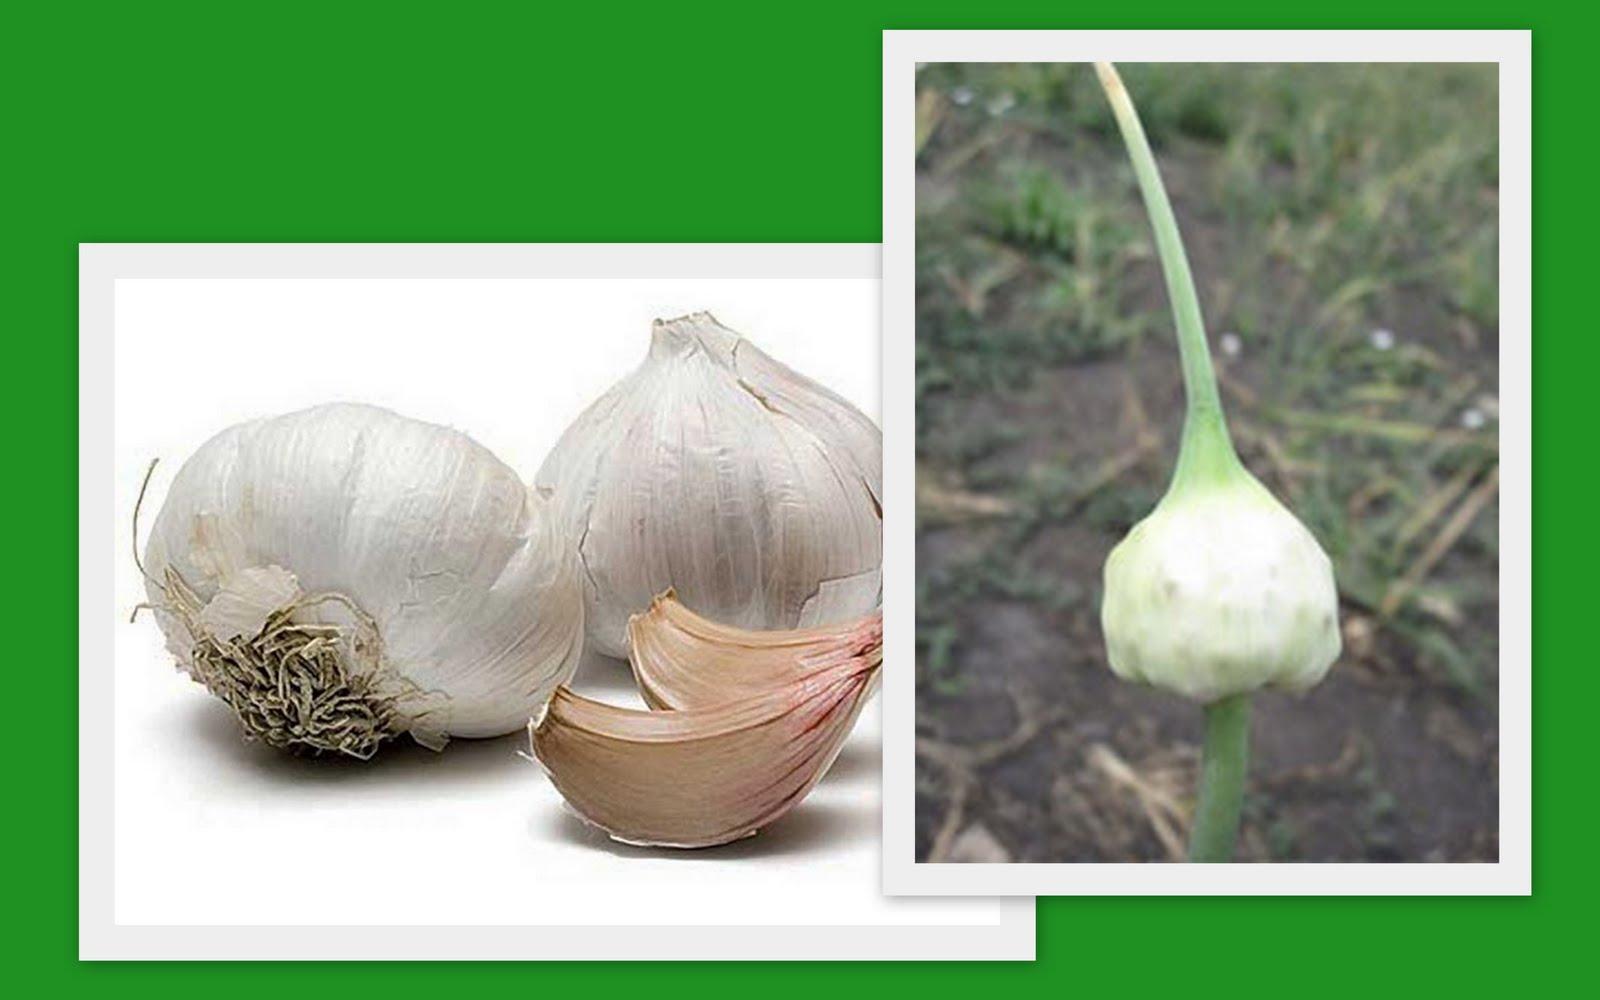 Посадка чеснока бульбочками осенью - выращивание озимого чеснока из 94